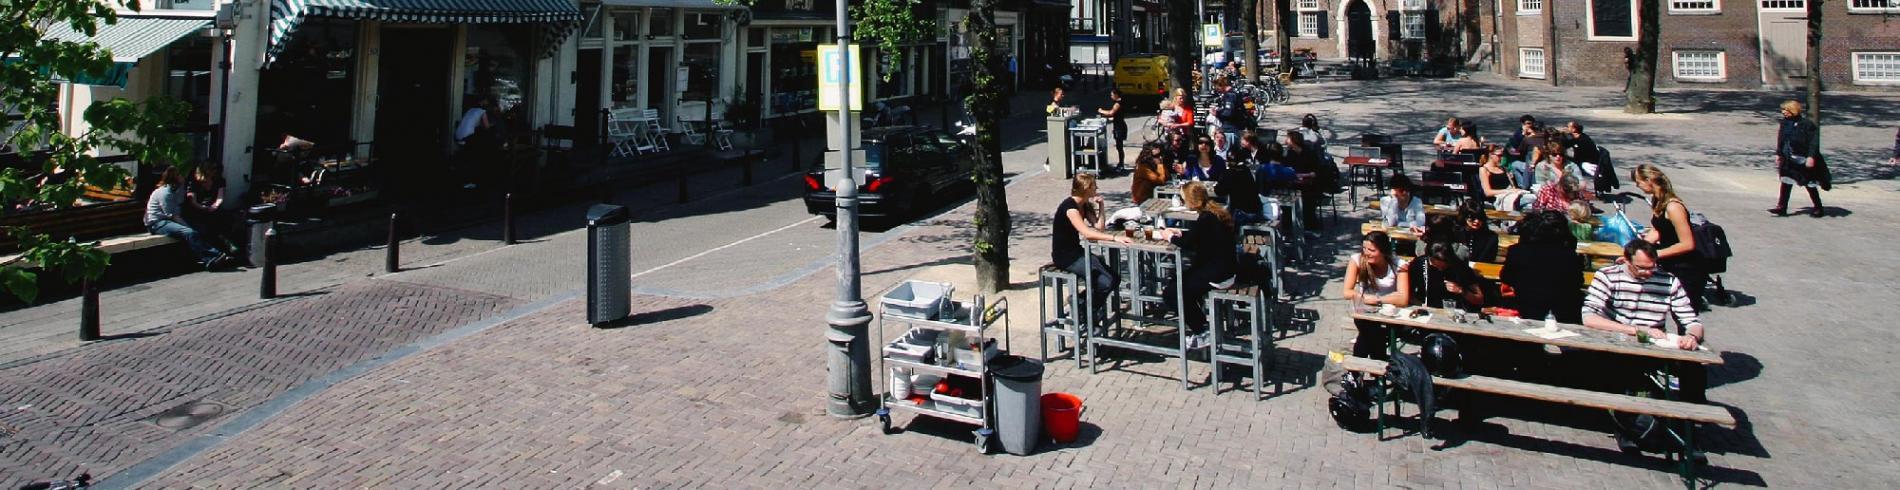 People sitting on a terrace outside Winkel 43